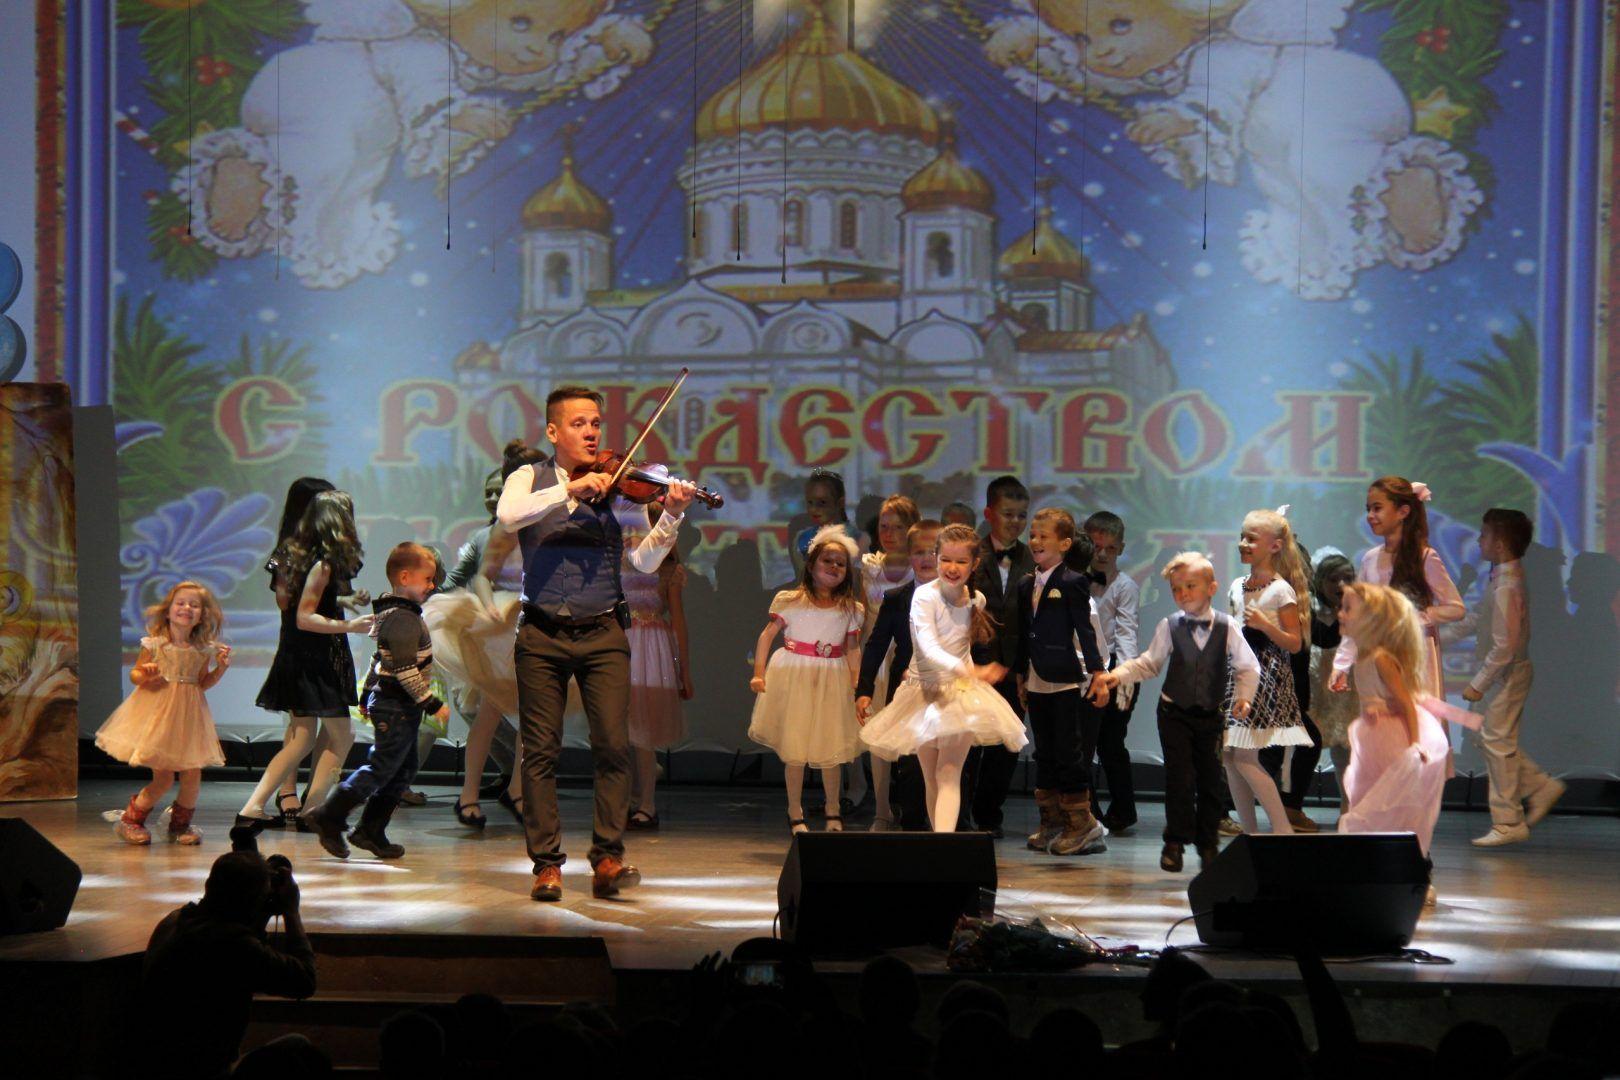 Скрипач Степан Мезенцев поздравил ребят. Фото: страница Дк в социальных сетях